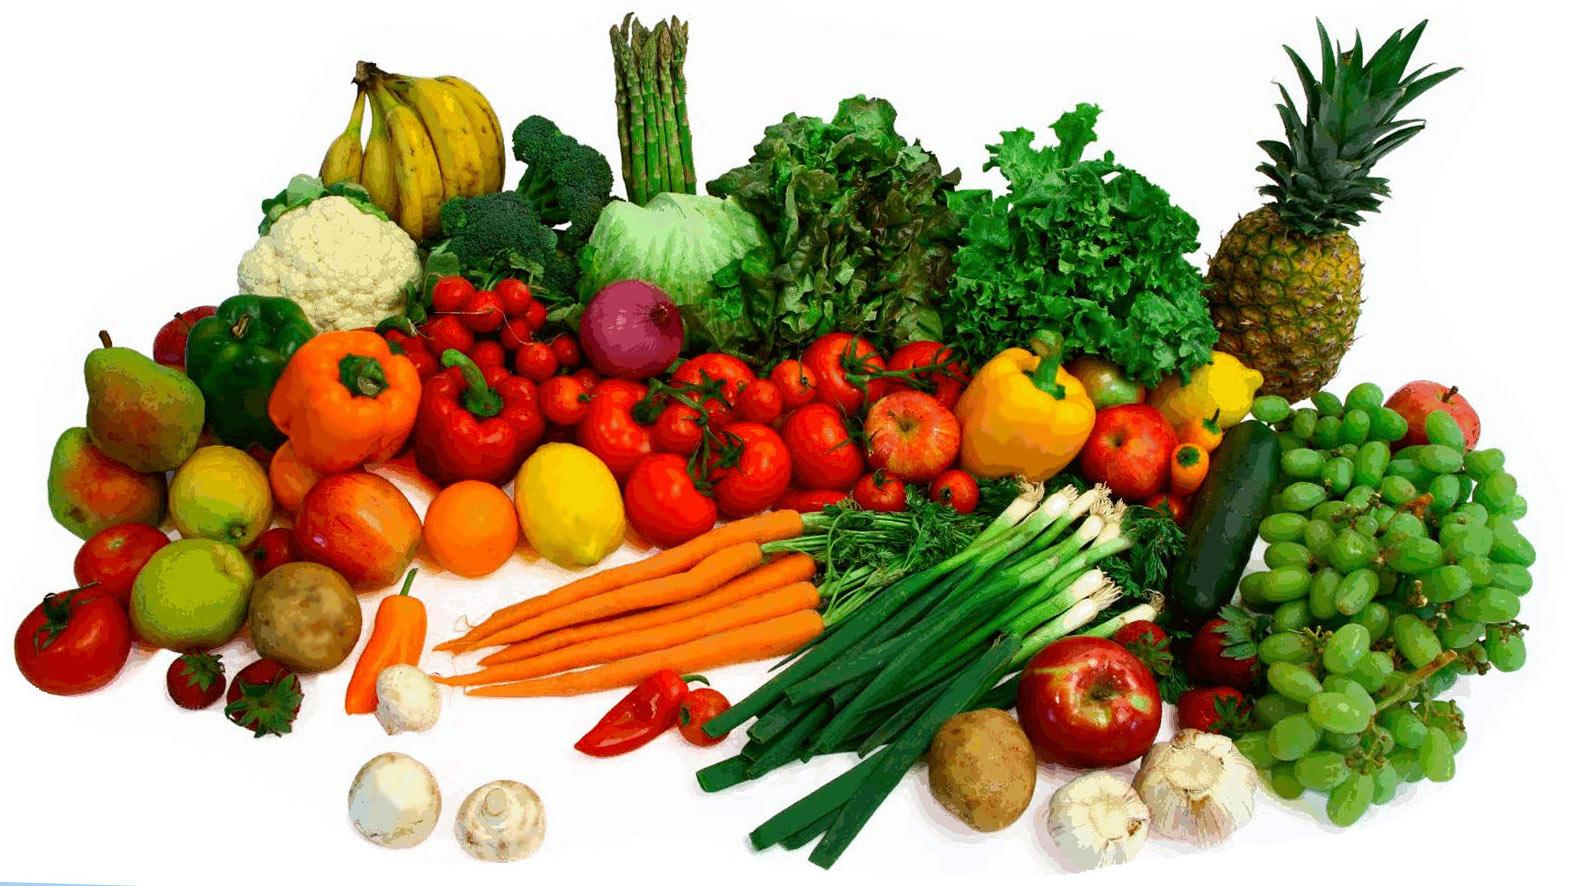 Сырые овощи и фрукты при анемии